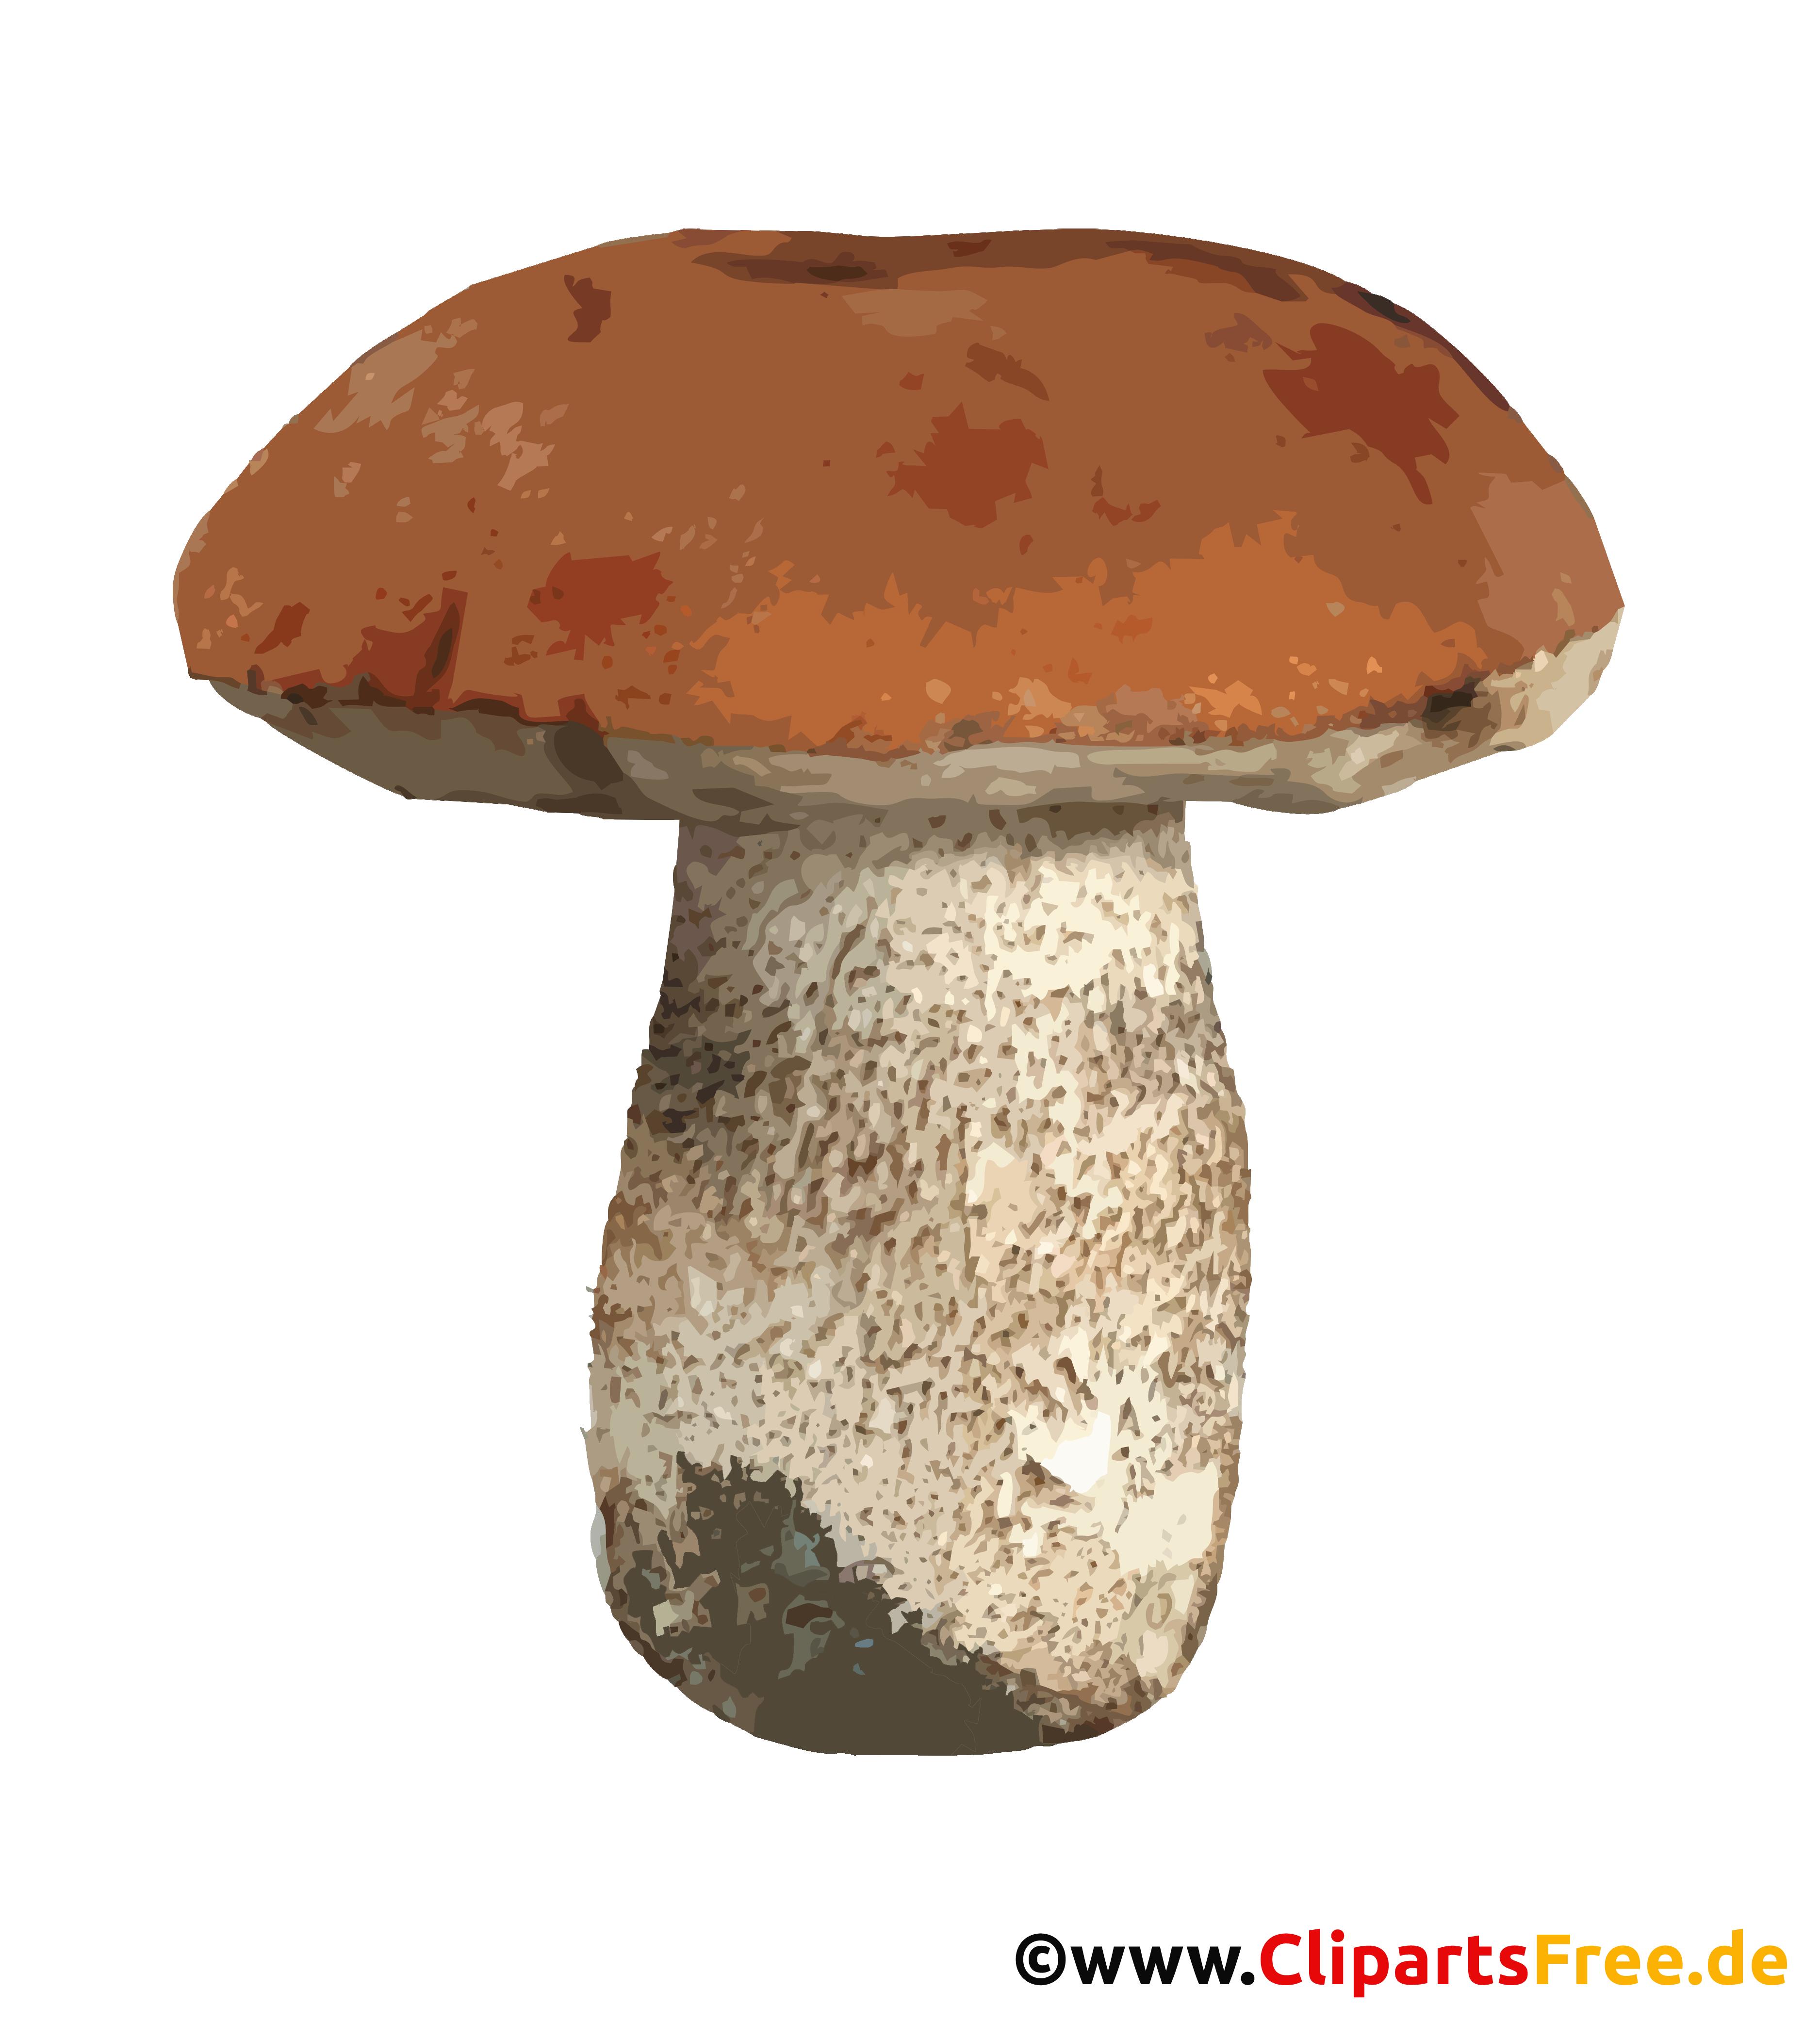 Pilz transparentes PNG-Clipart - Herbst Bilder